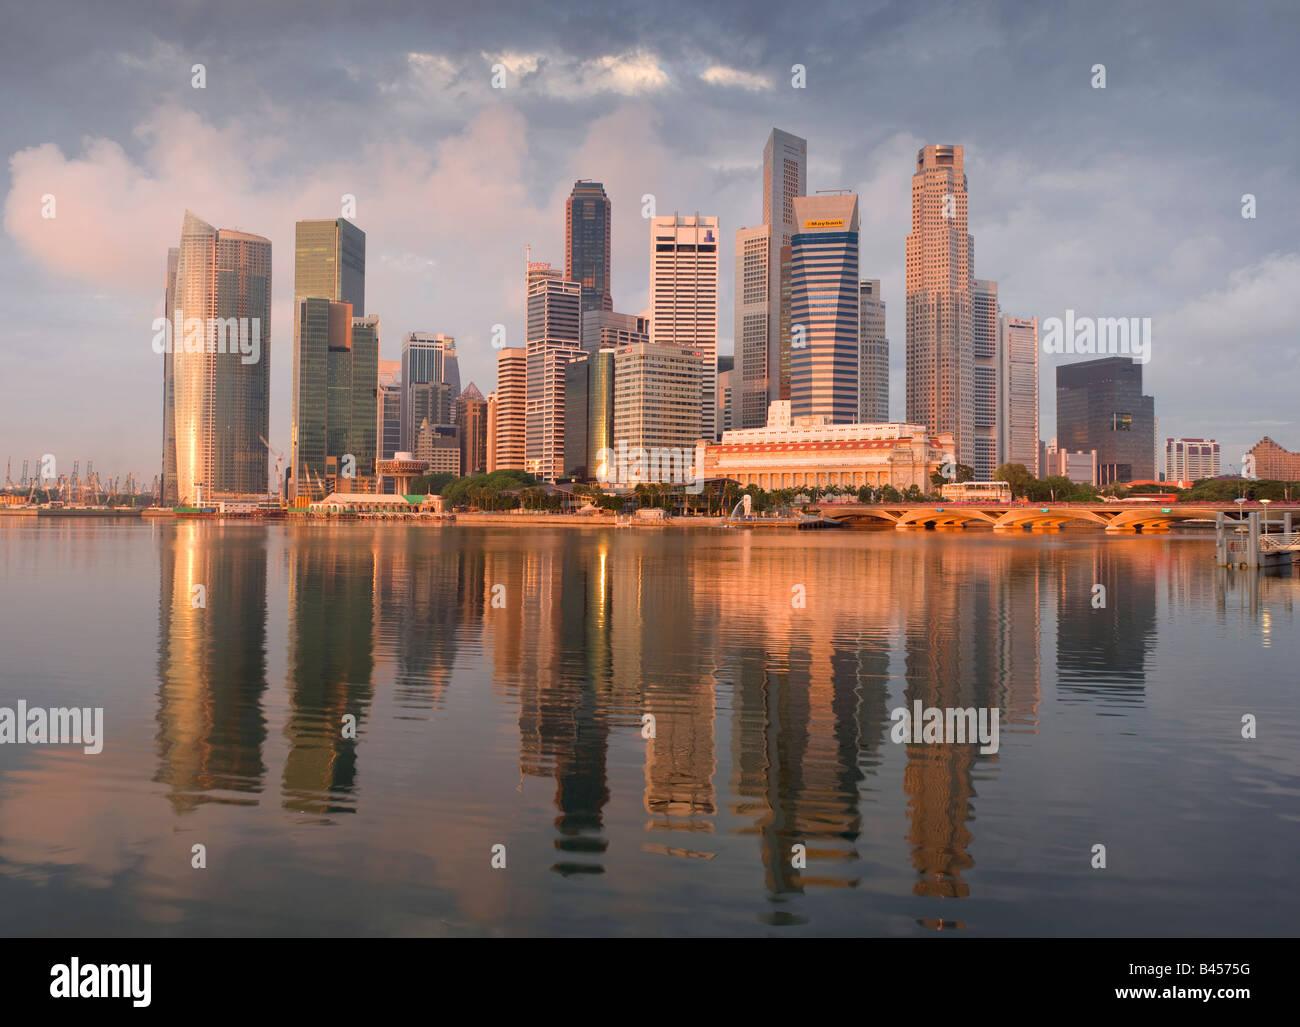 Asia Singapur Singapur Skyline del distrito financiero al amanecer. Imagen De Stock